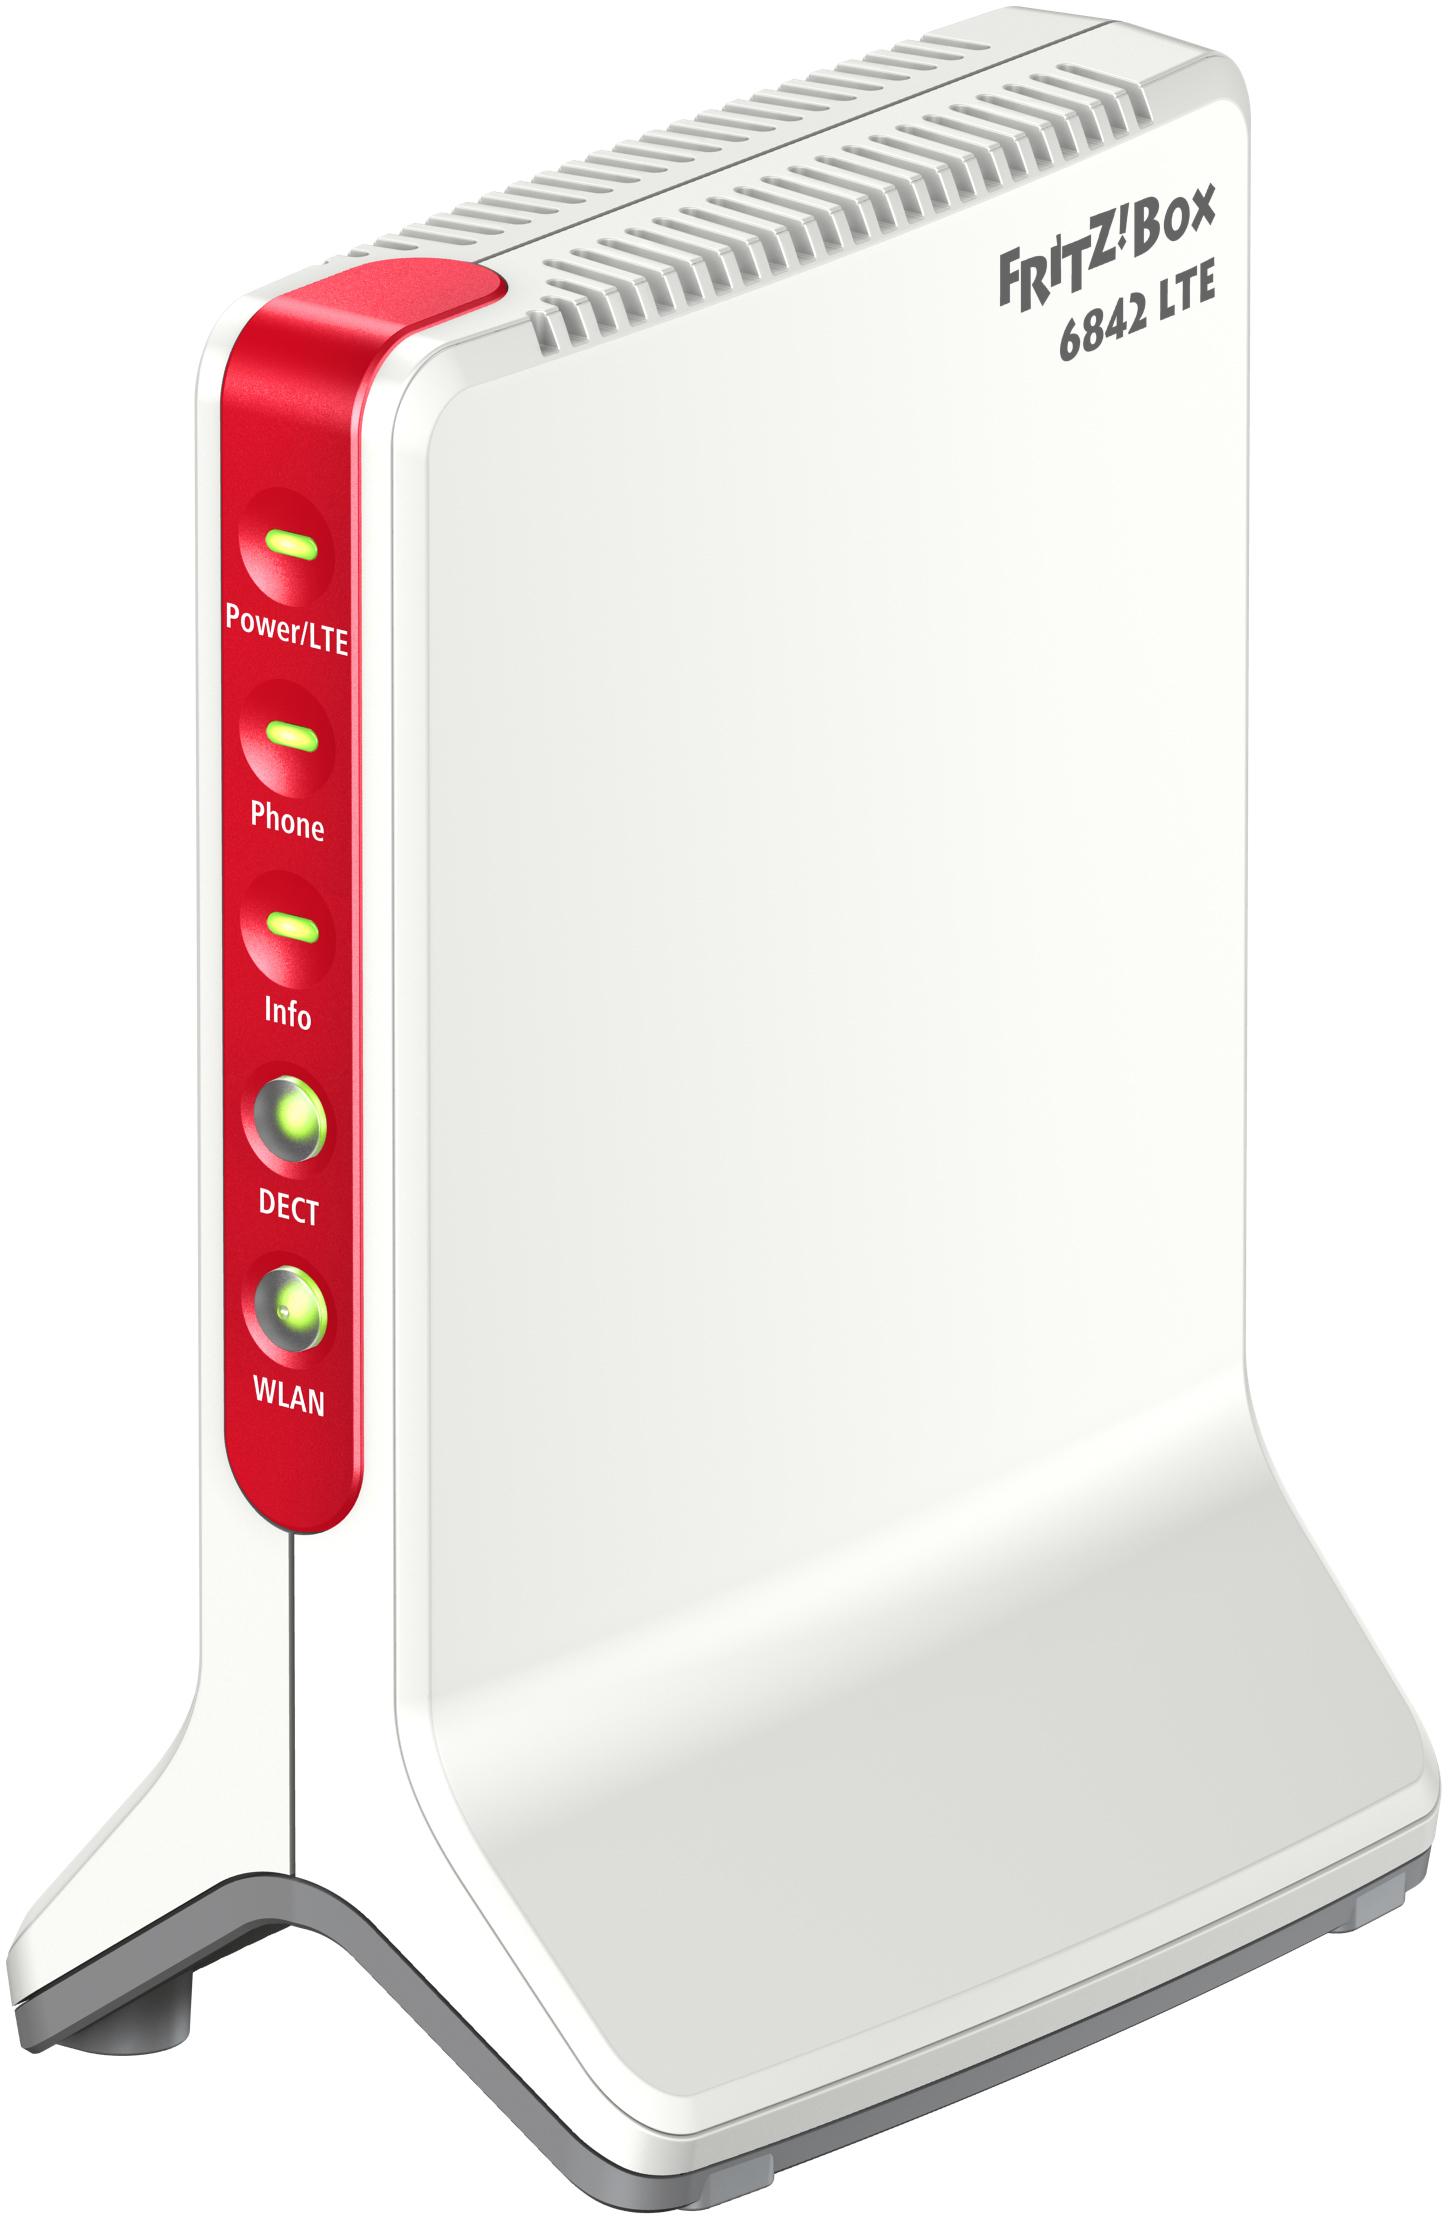 AVM FRITZ!Box 6842 LTE ? Triband LTE-Modem - WLAN N bis 300 Mbit/s - TK-Anlage + DECT-Basis - WPS - 1x Gigabit-LAN + 3x FastEthernet